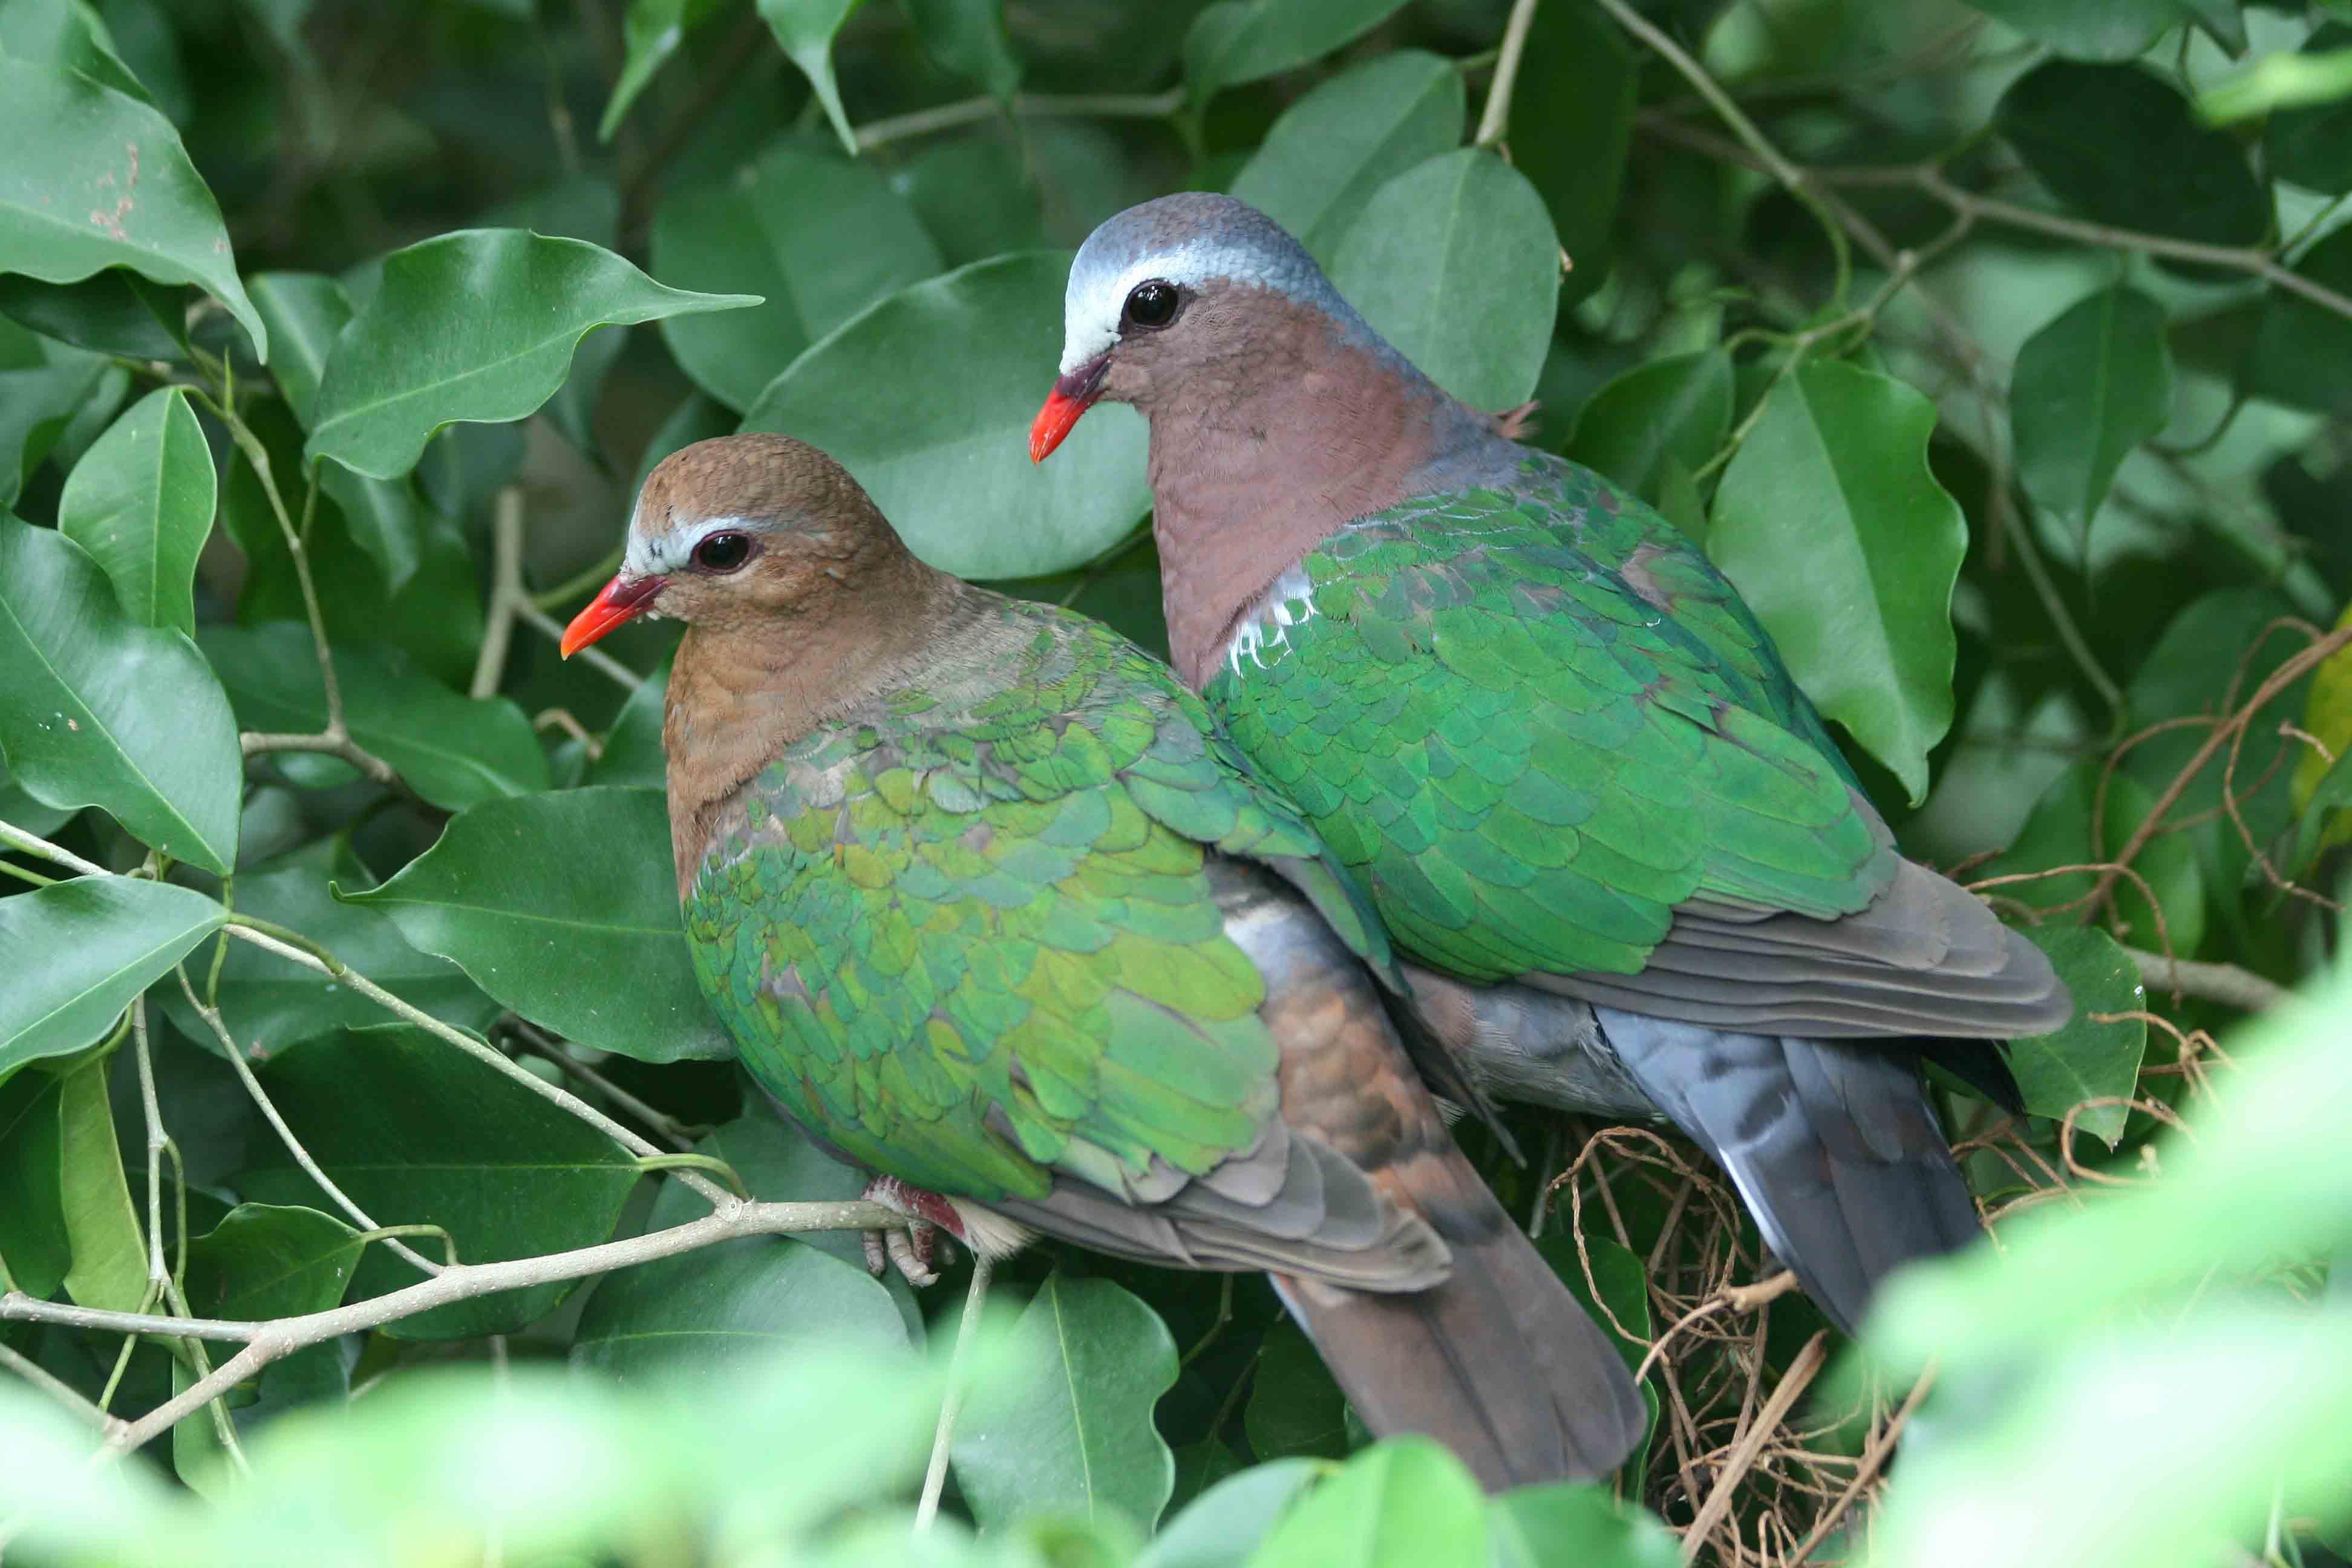 Emerald dove family photos